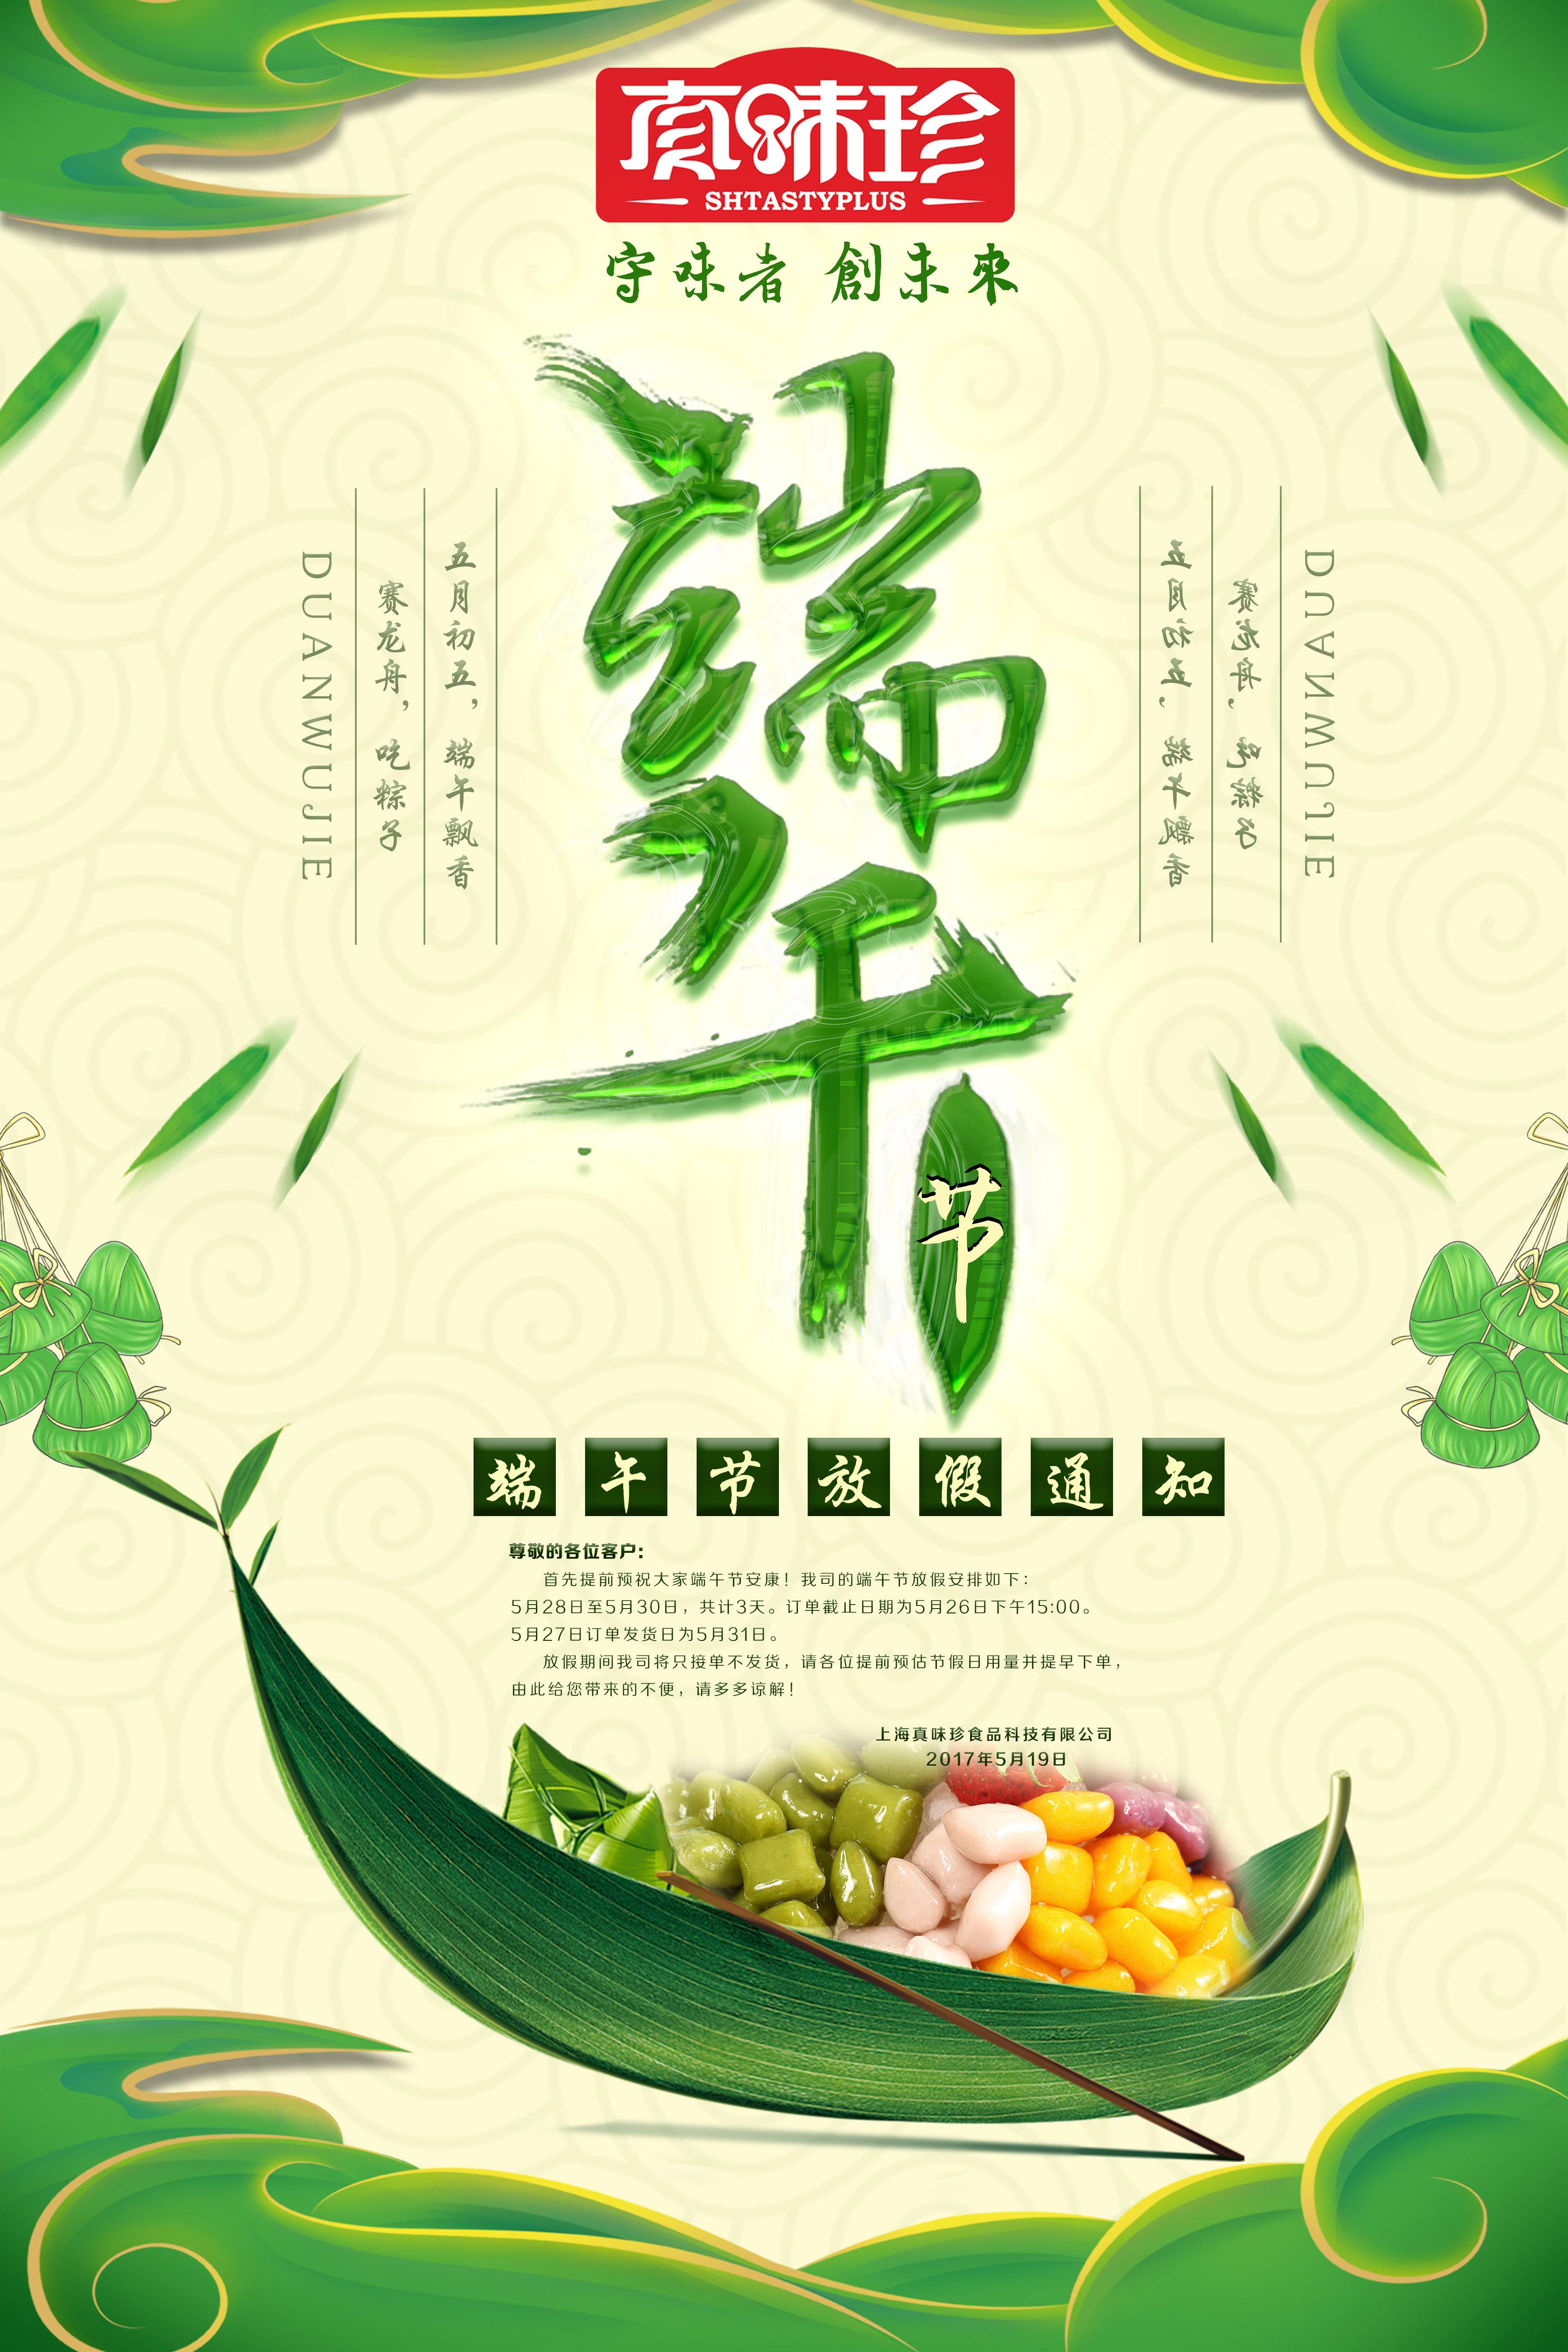 上海真味珍食品科技有限公司